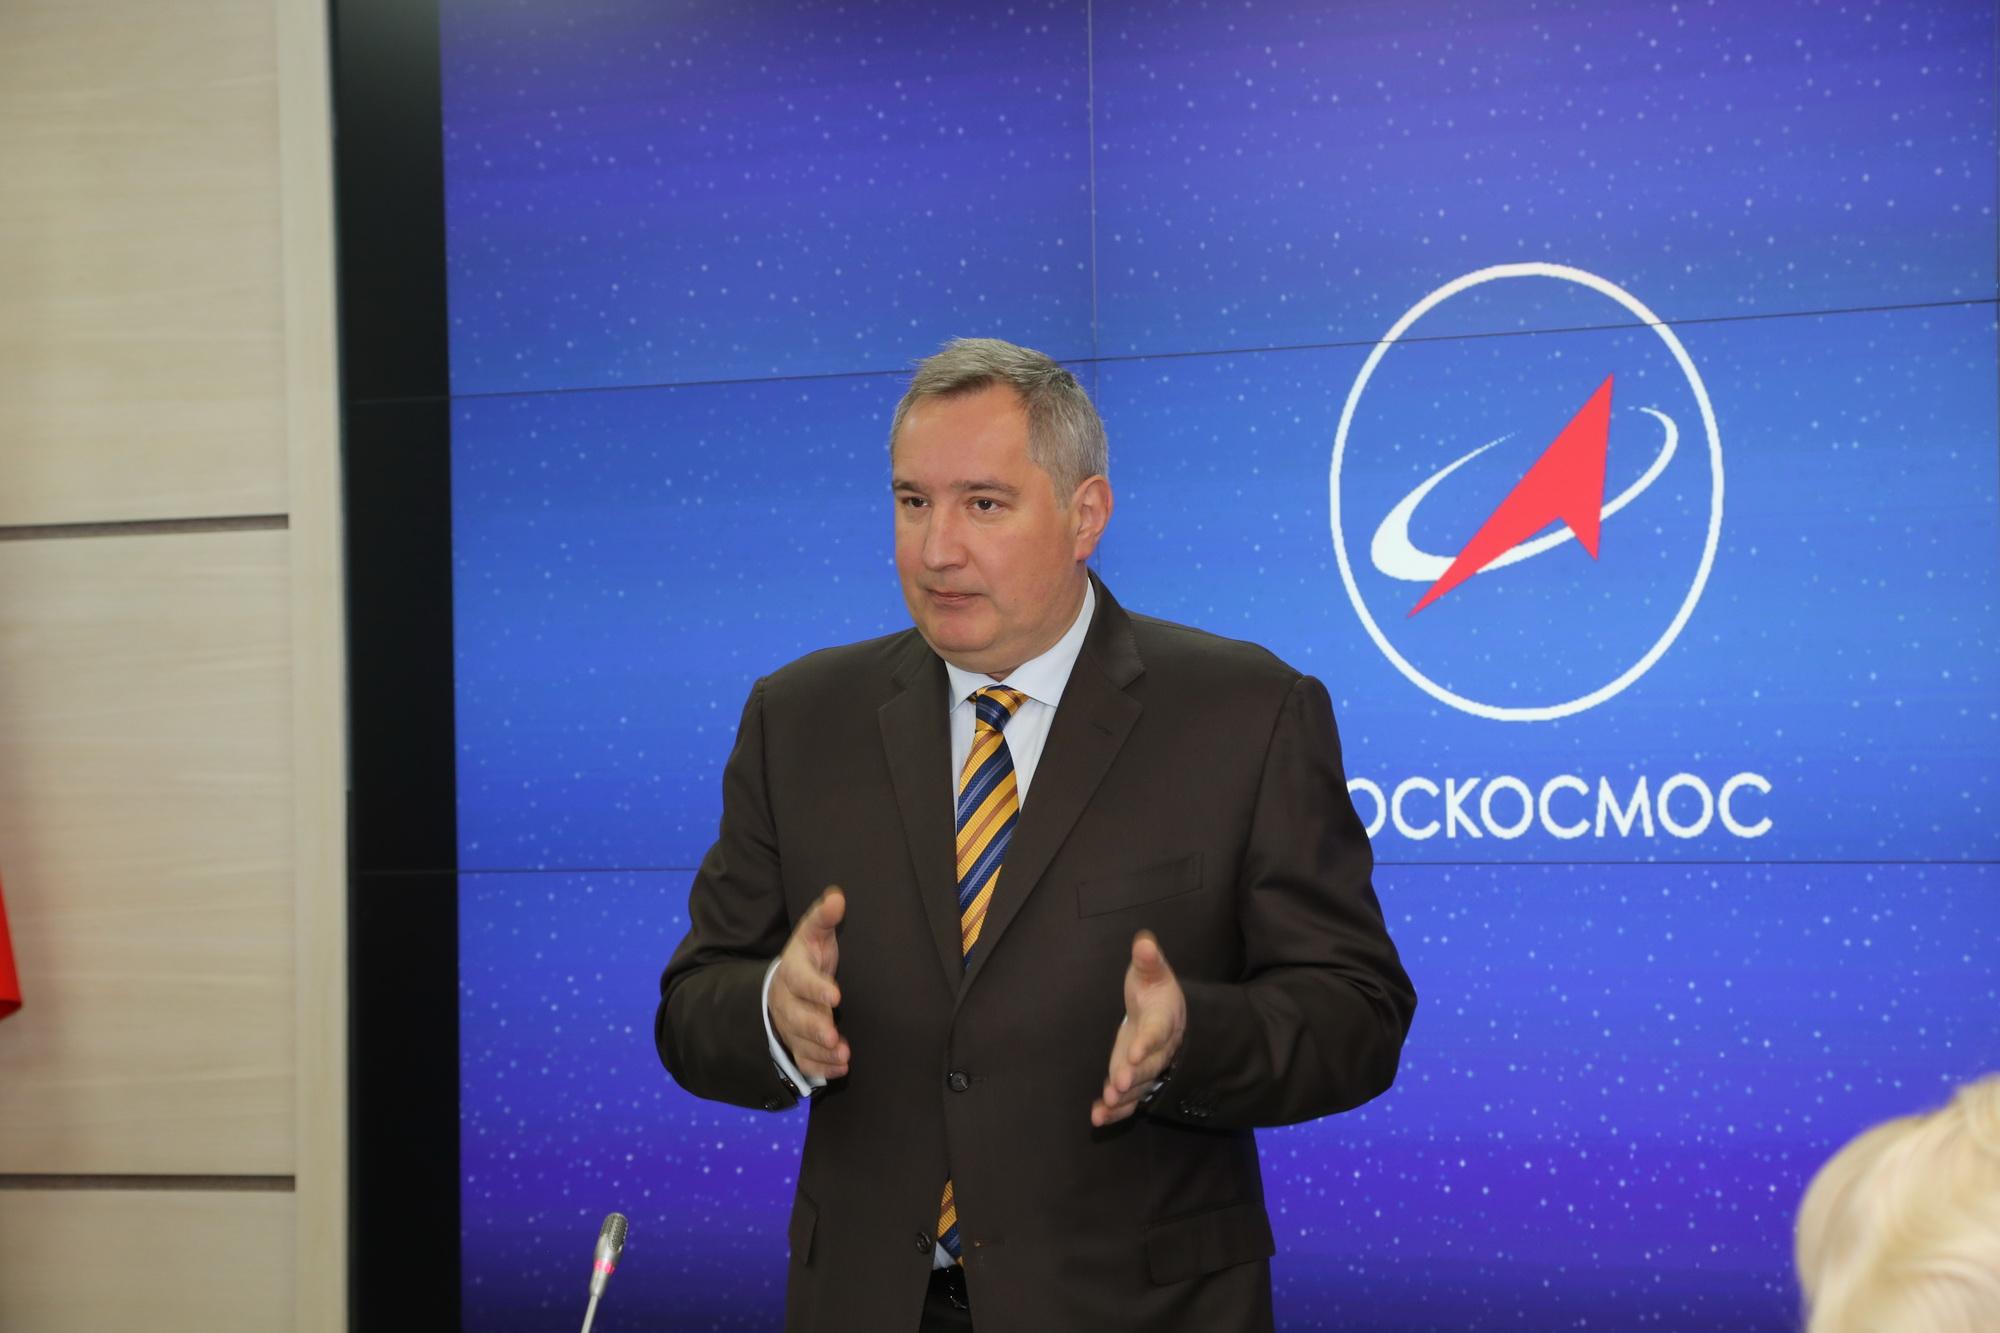 Россия, Роскосмос, Космос, Рогозин, Долги, Средства.